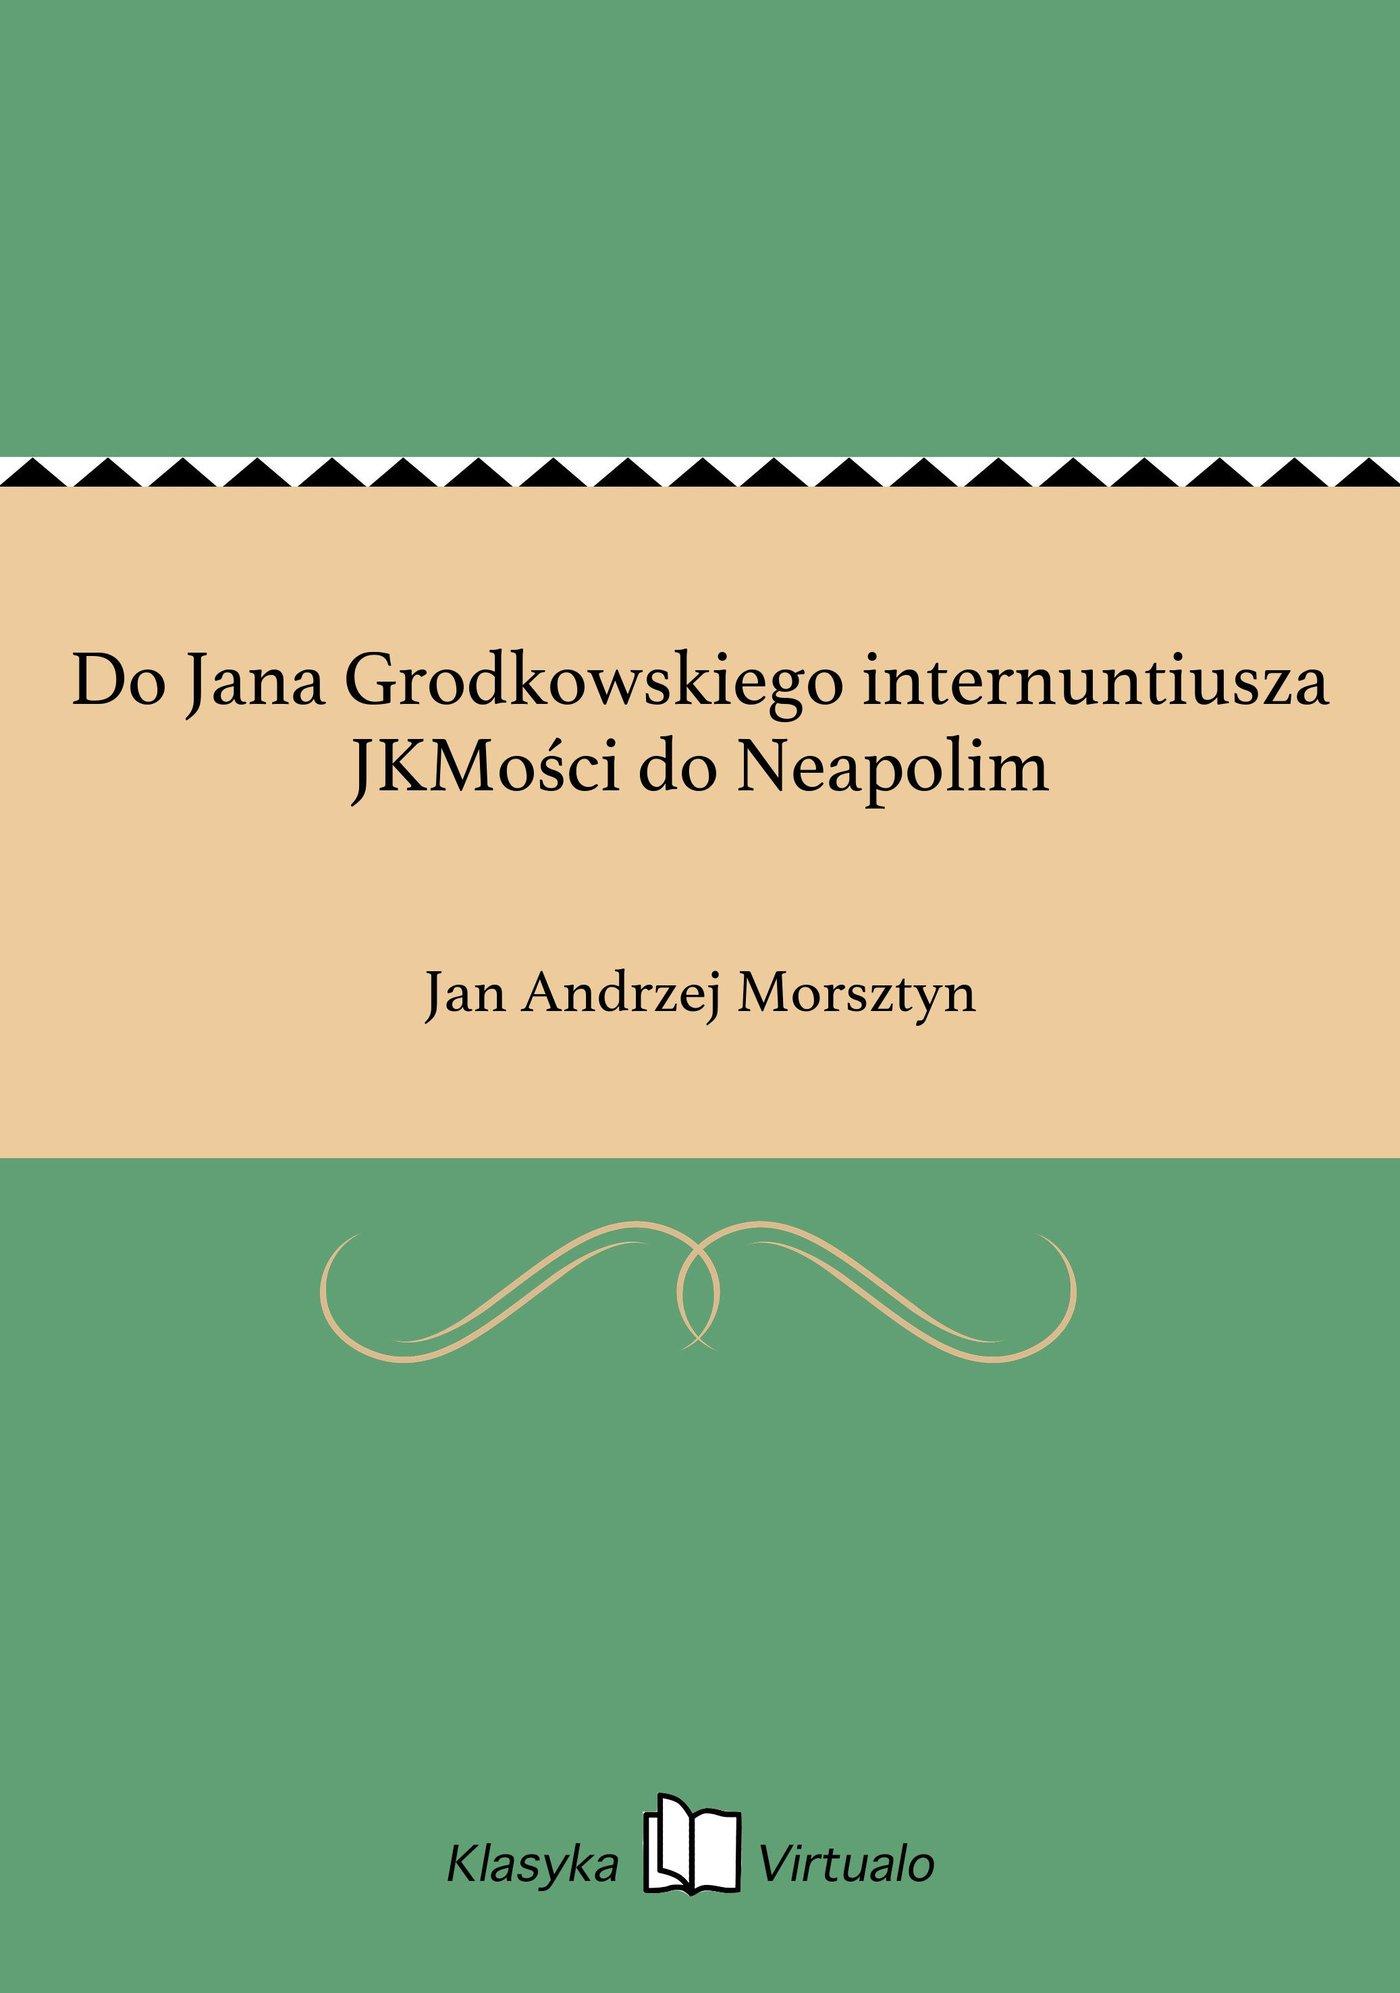 Do Jana Grodkowskiego internuntiusza JKMości do Neapolim - Ebook (Książka na Kindle) do pobrania w formacie MOBI